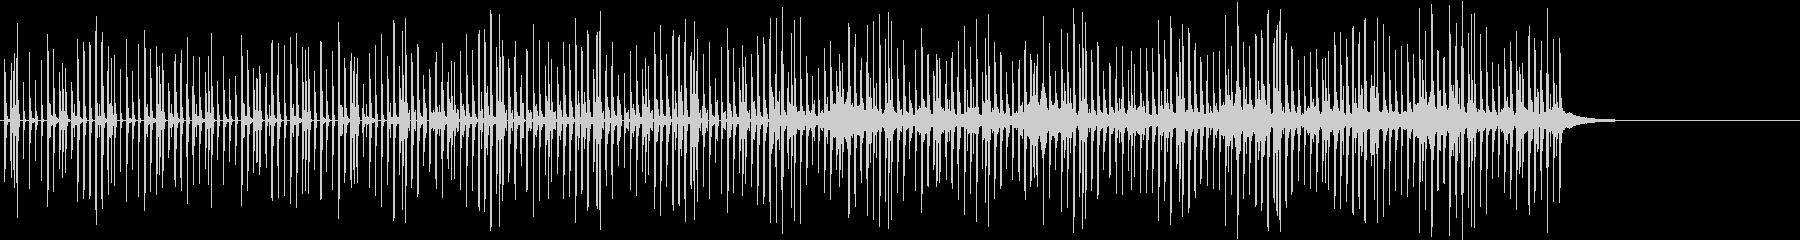 ルンバ コミカル 不思議 クイズ 忙しいの未再生の波形